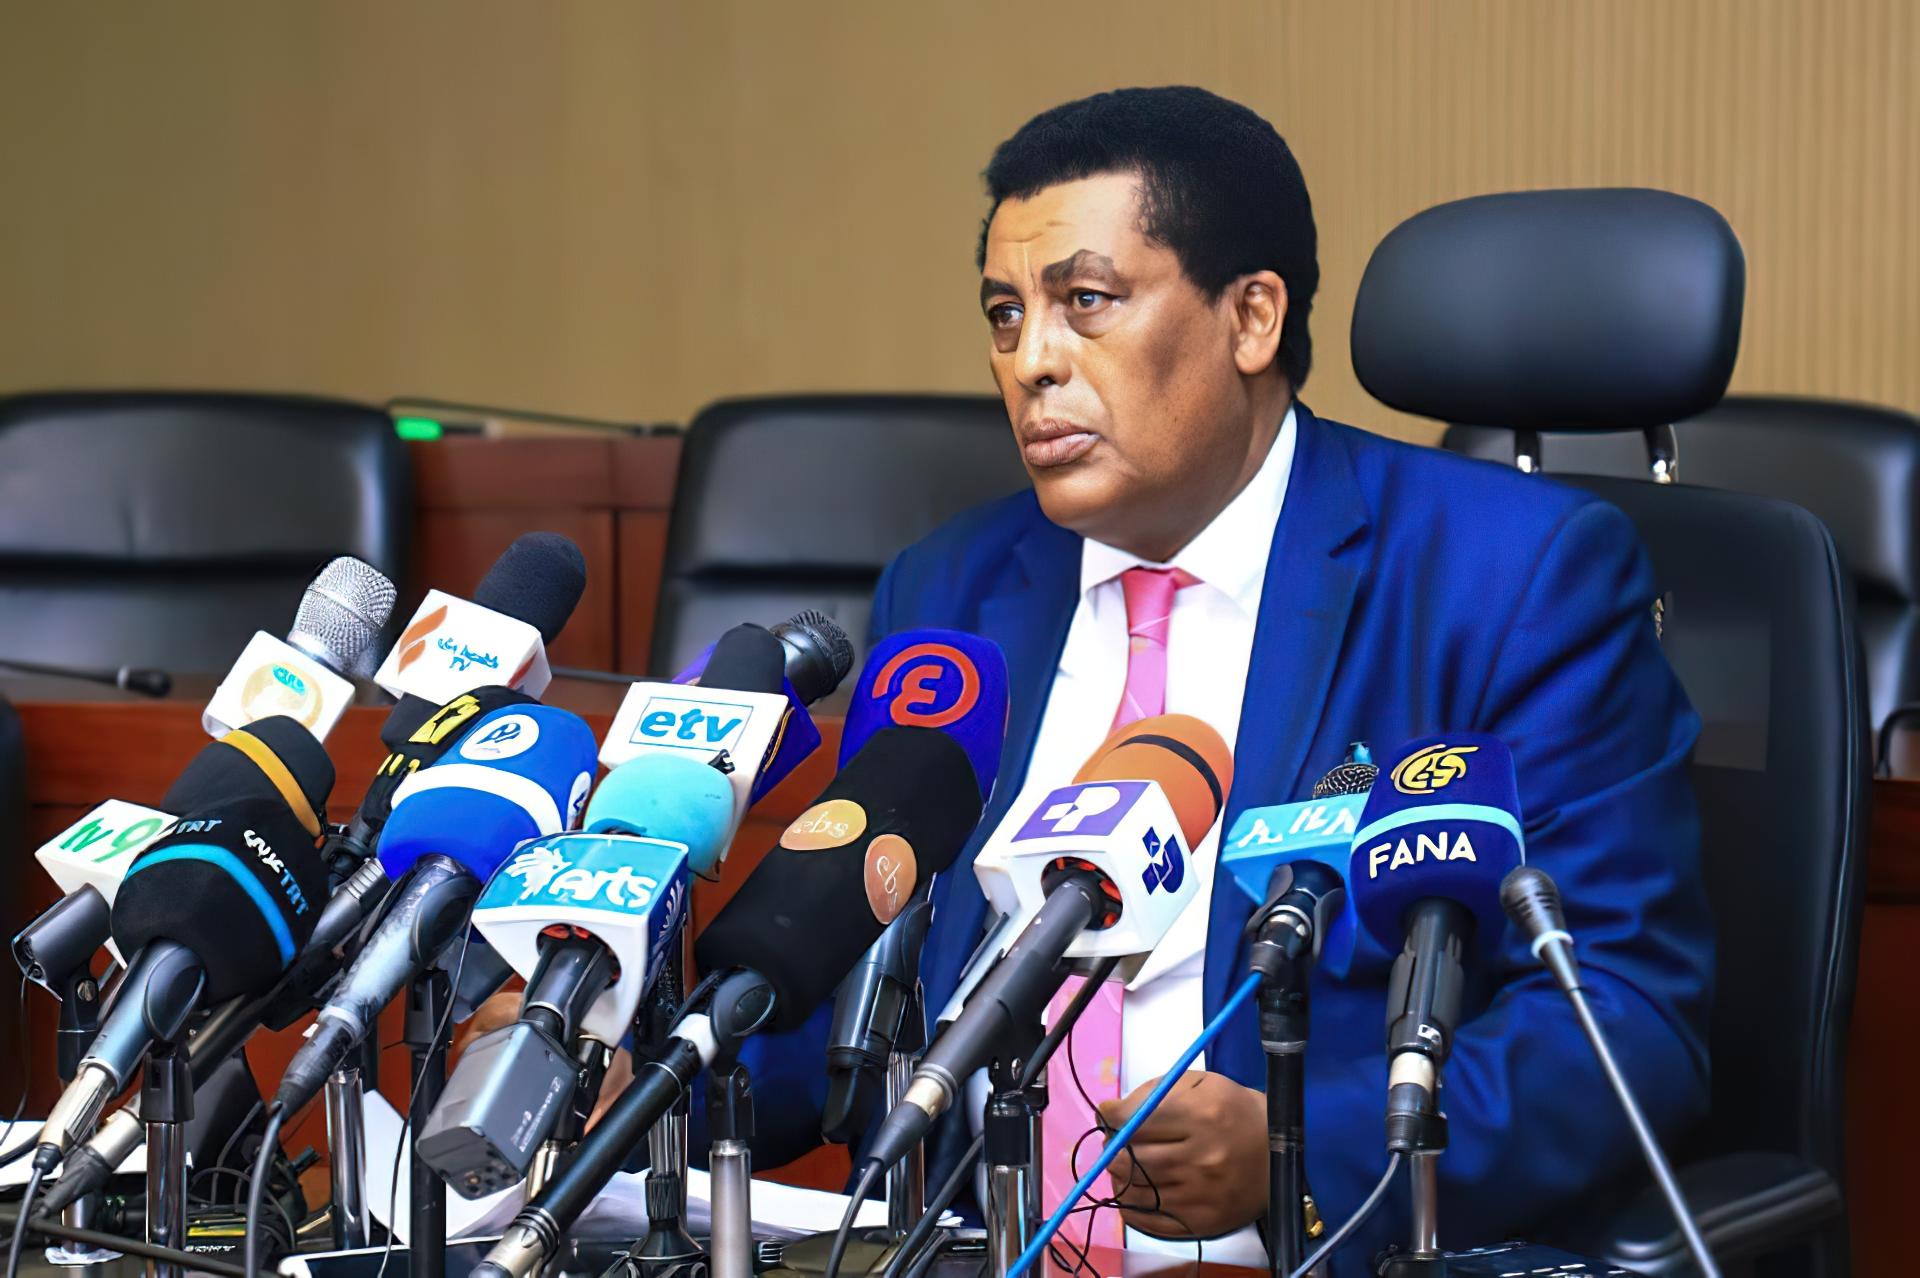 Ethiopia Foreign Affairs